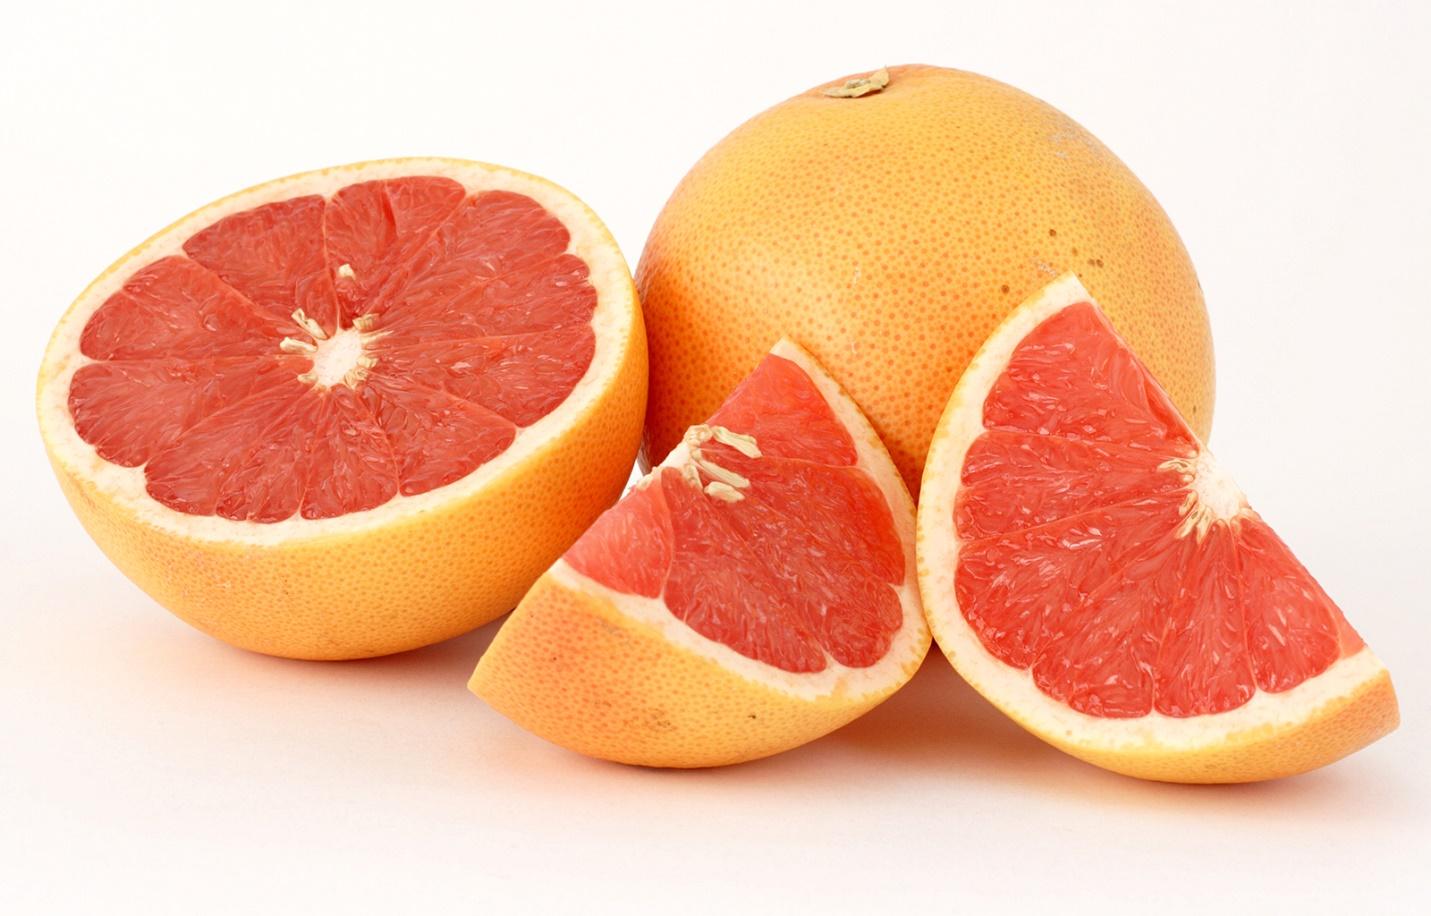 27 نوع من الأطعمة التي تعمل على حرق الدهون لإنقاص الوزن والبقاء بصحة جيدة- جريب فروت